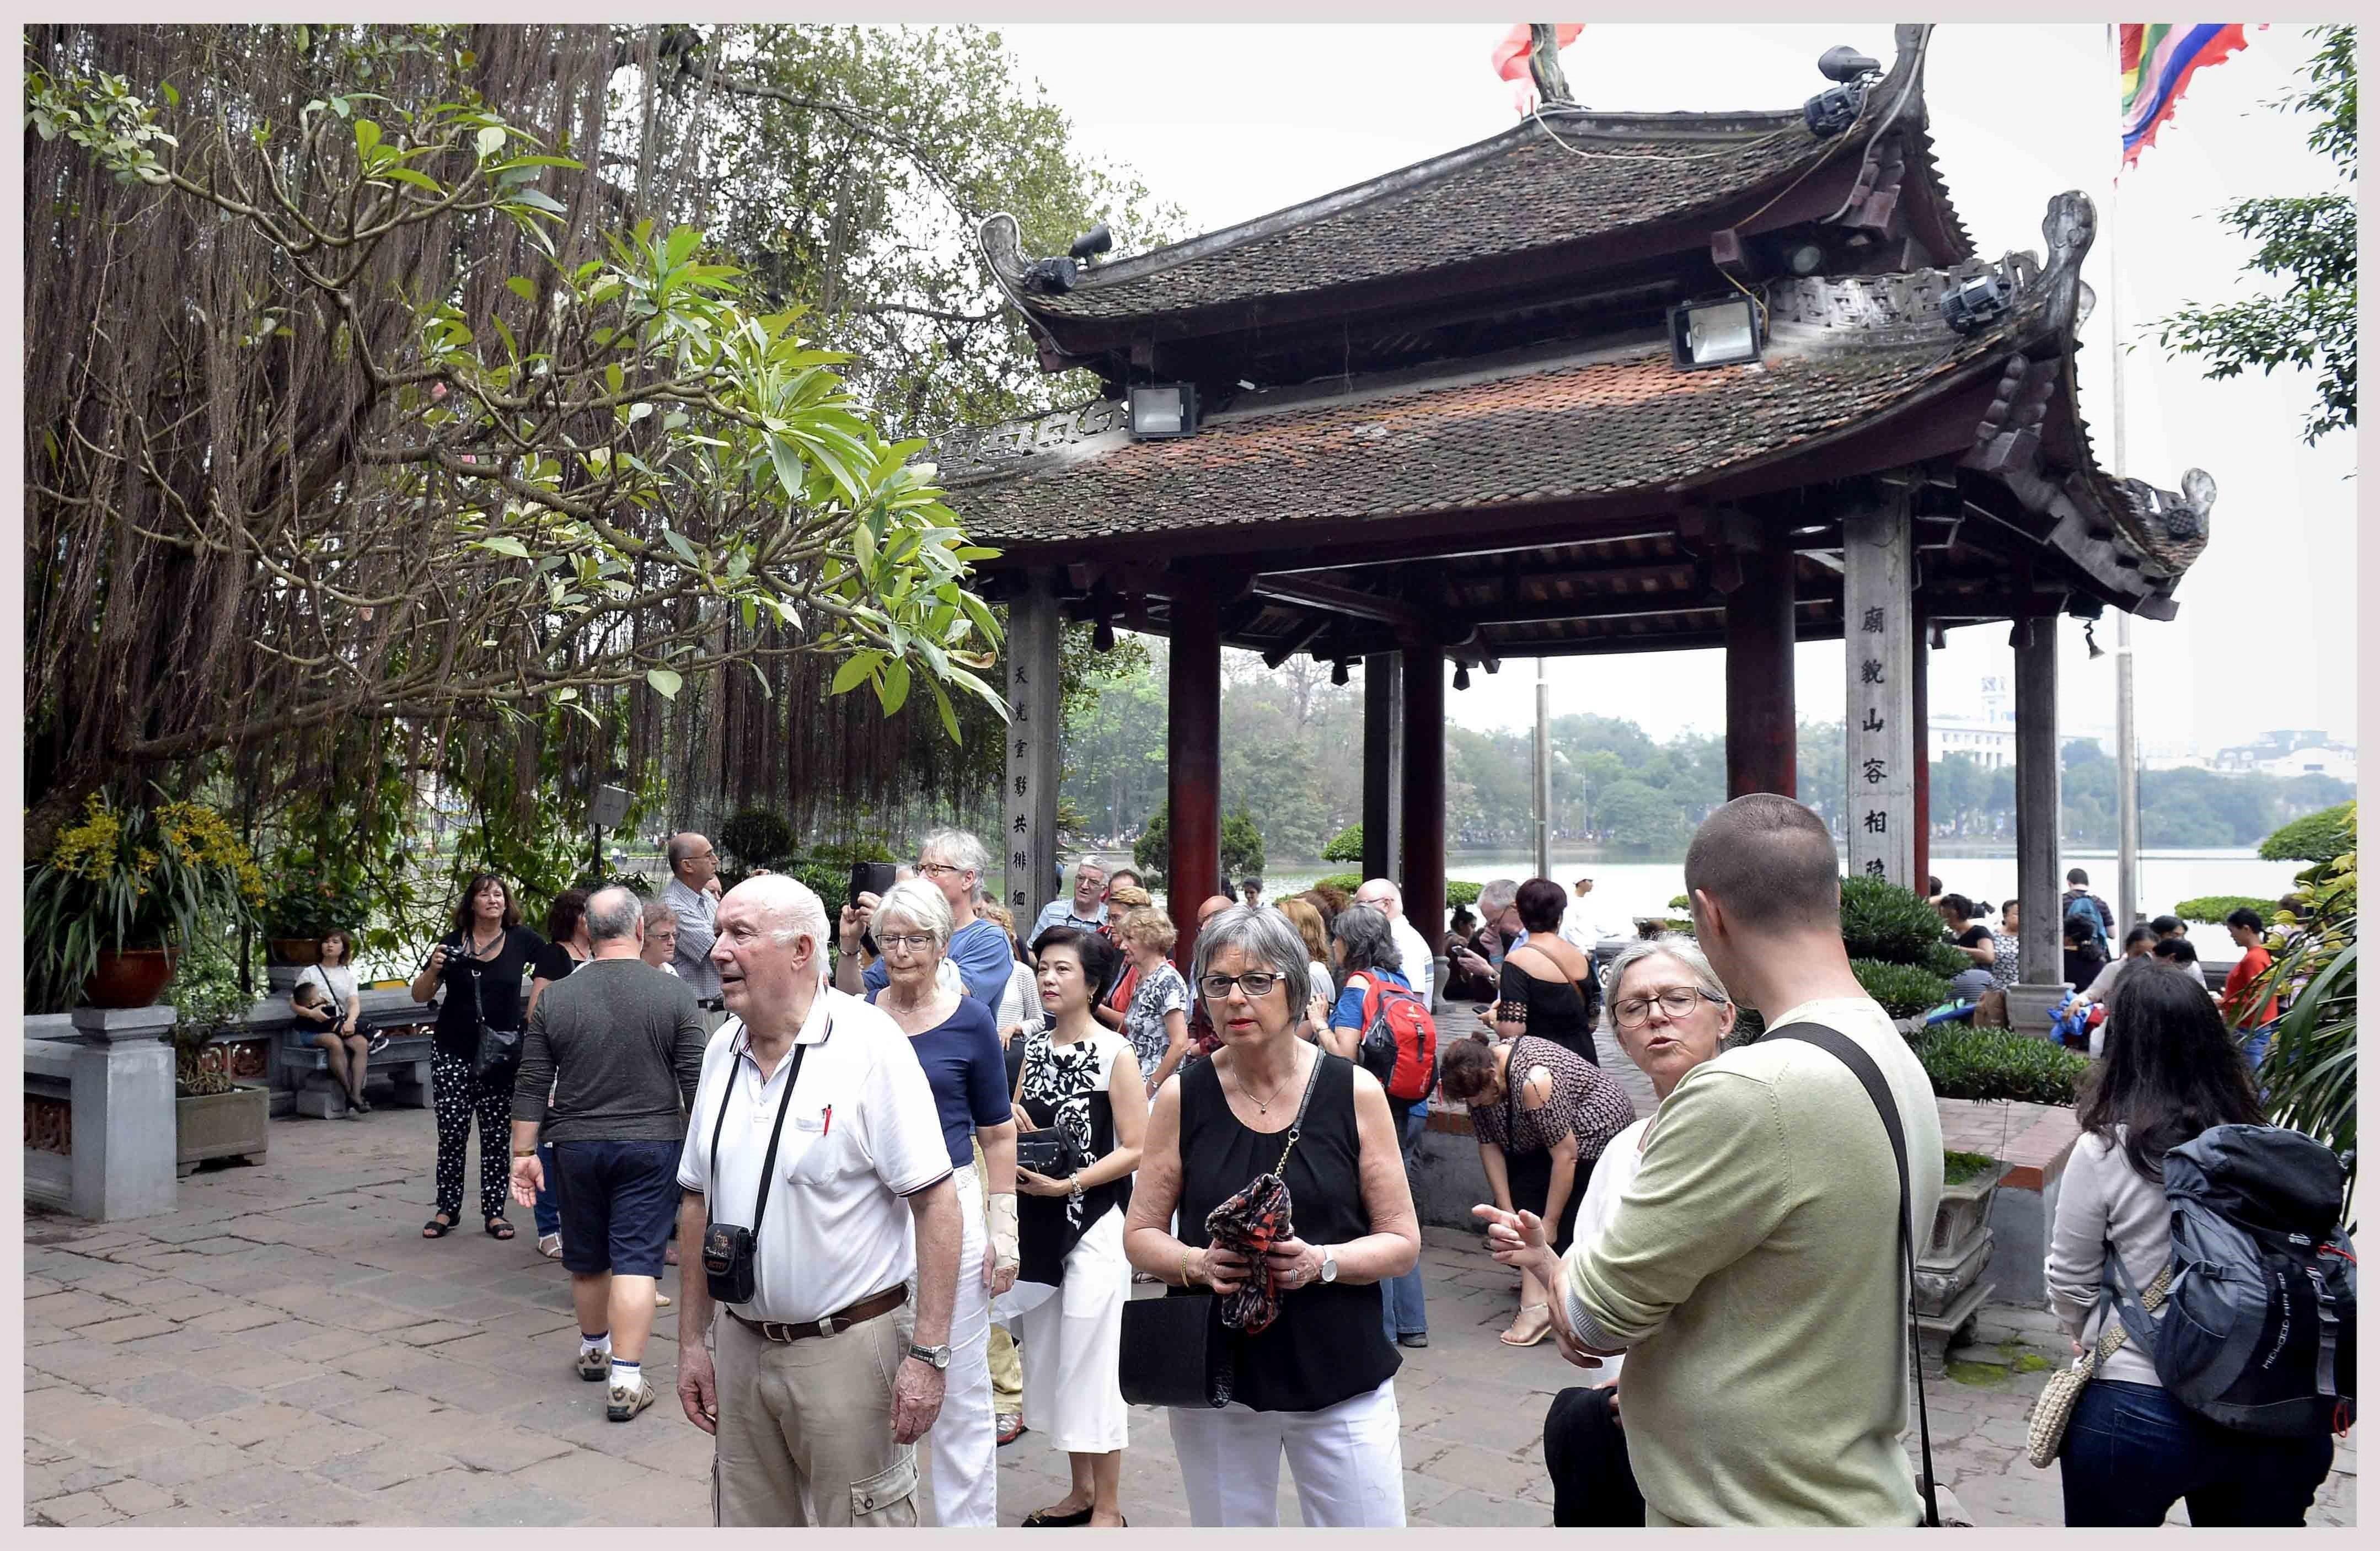 Thủ đô Hà Nội là thành phố du lịch chi tiêu rẻ nhất ở châu Á ảnh 1